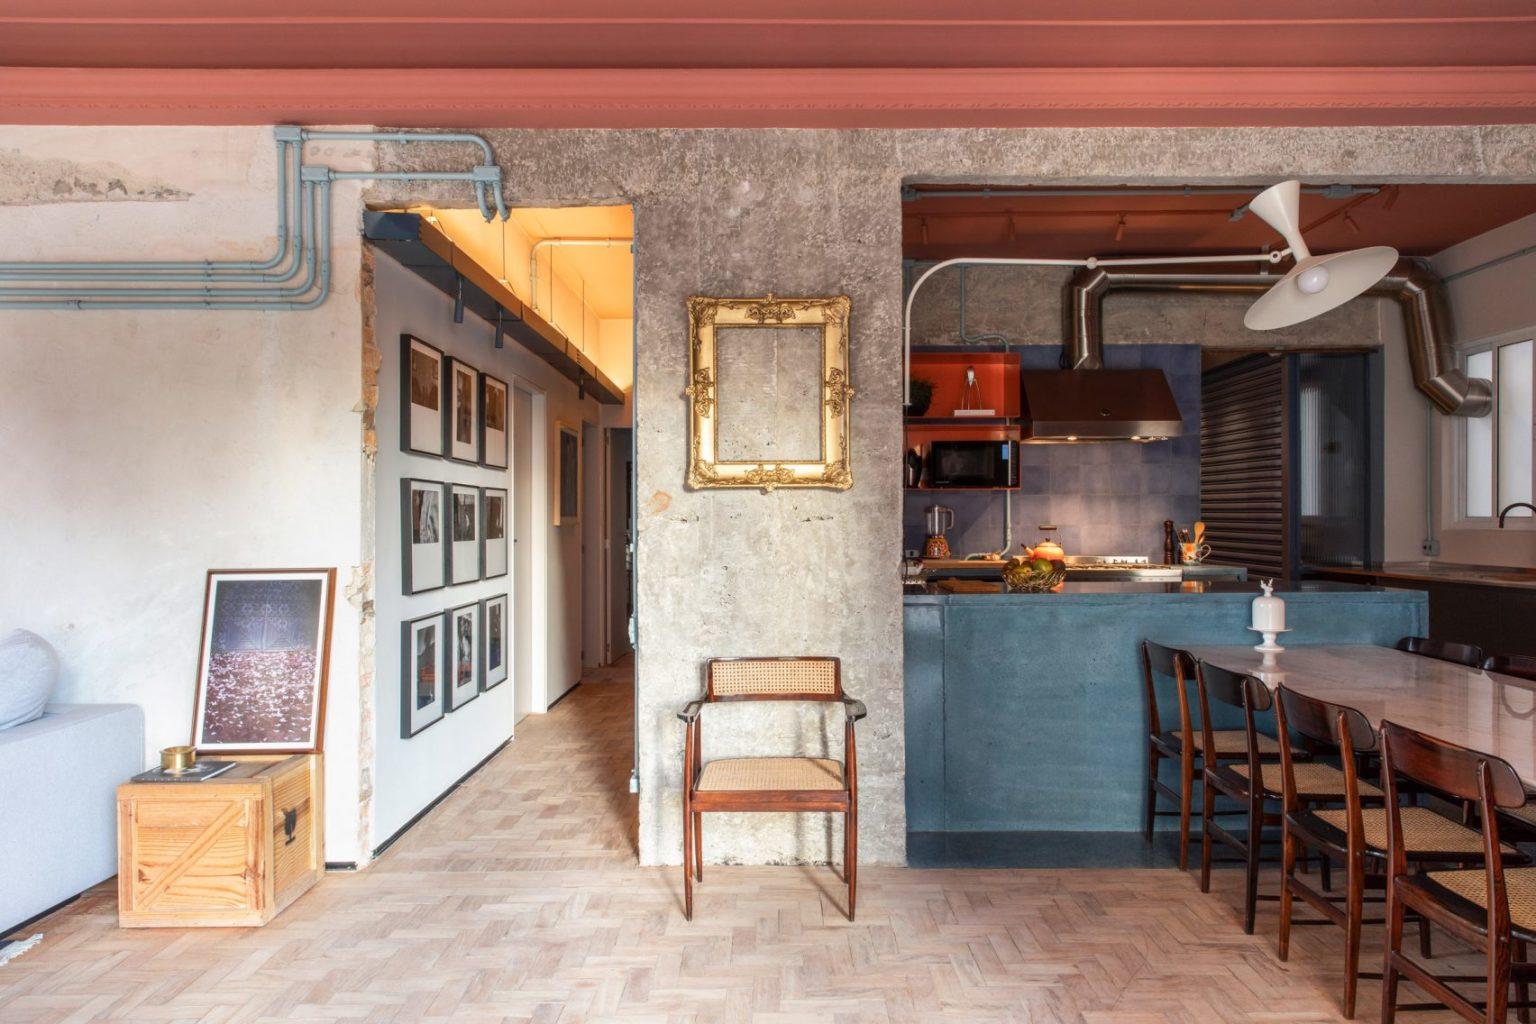 In dit stoere appartement uit São Paulo is een eclectische keuken ontworpen met een schiereiland waar een grote eettafel aan gemonteerd is.